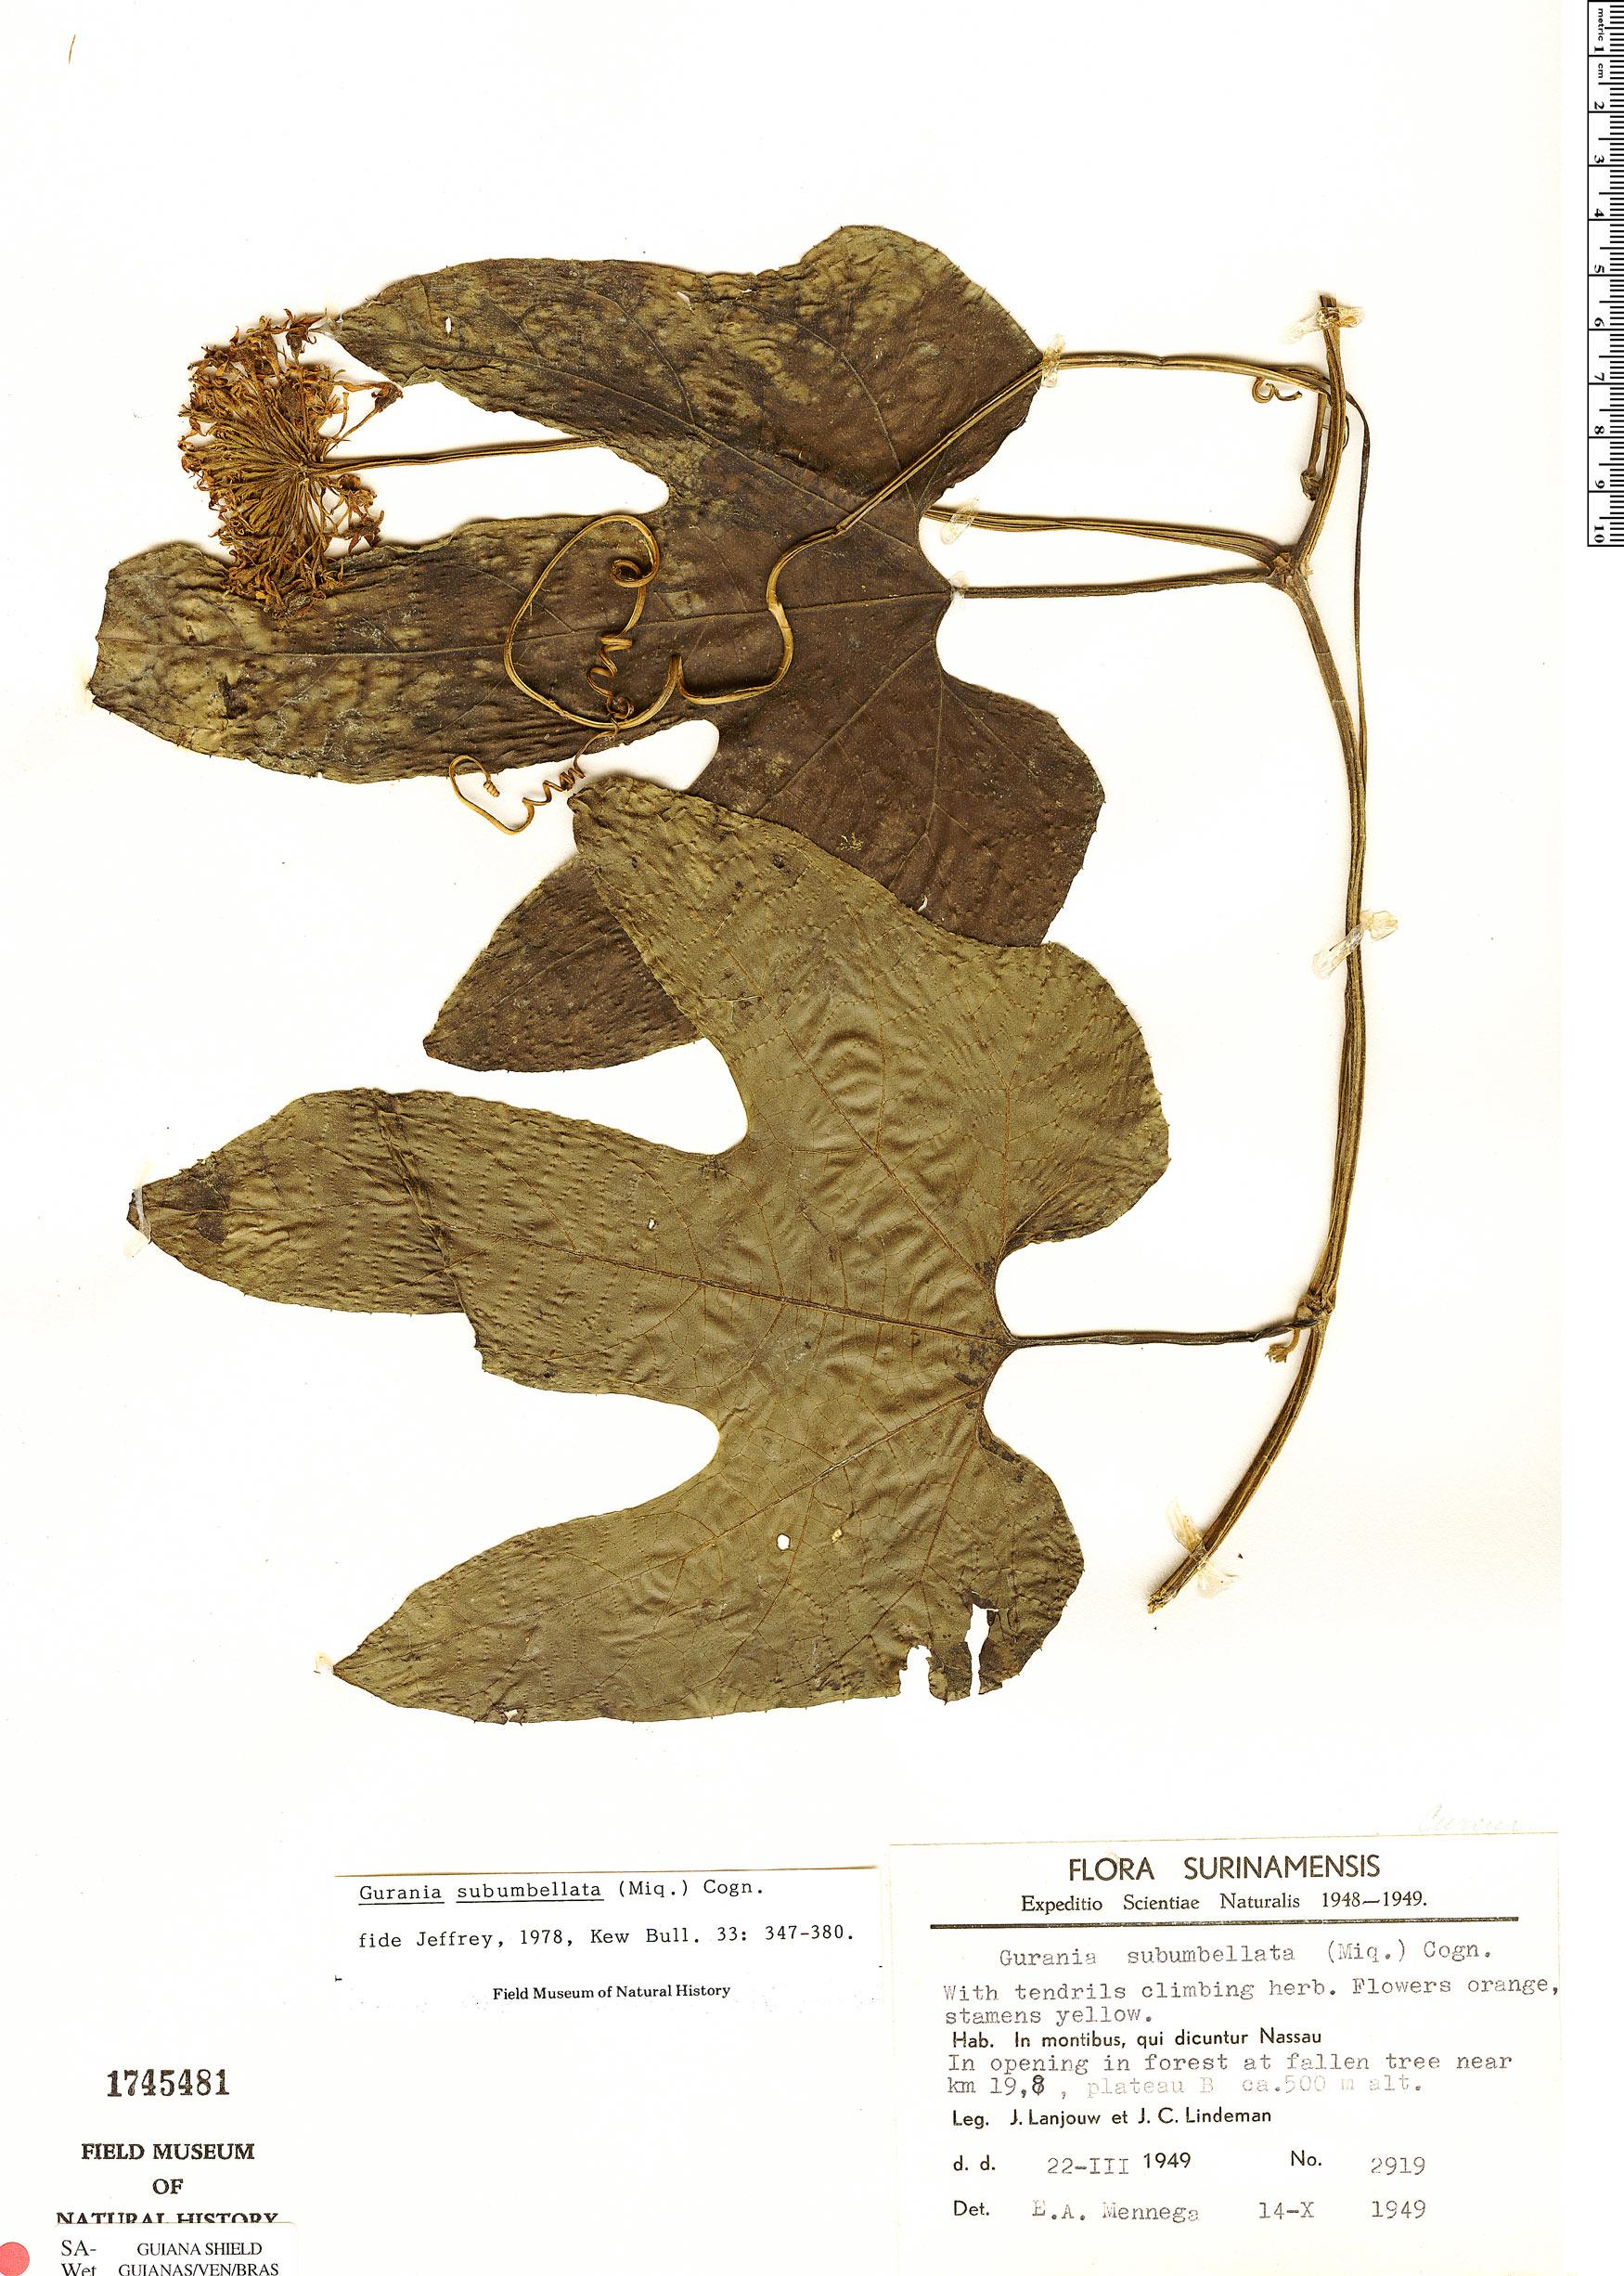 Specimen: Gurania subumbellata